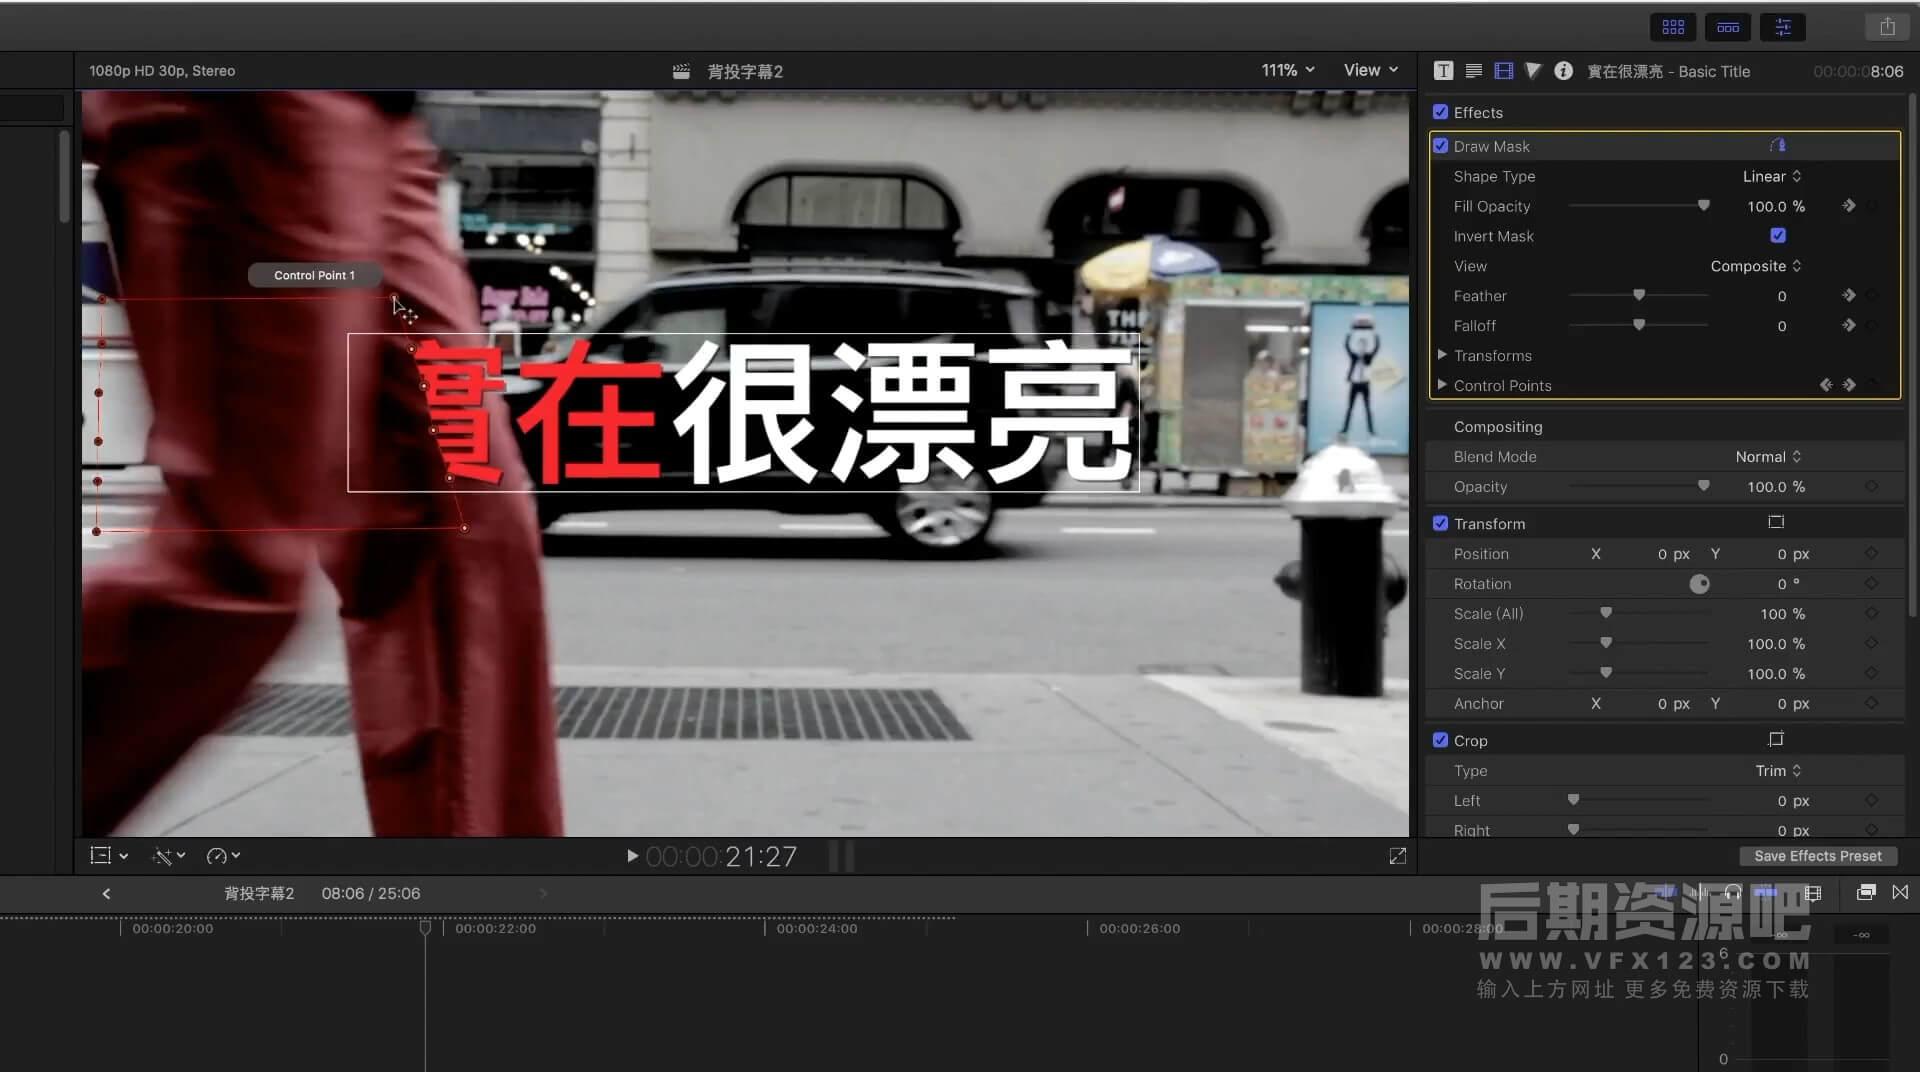 第62课: 如何在fcpx中制作主体前与后的字幕效果